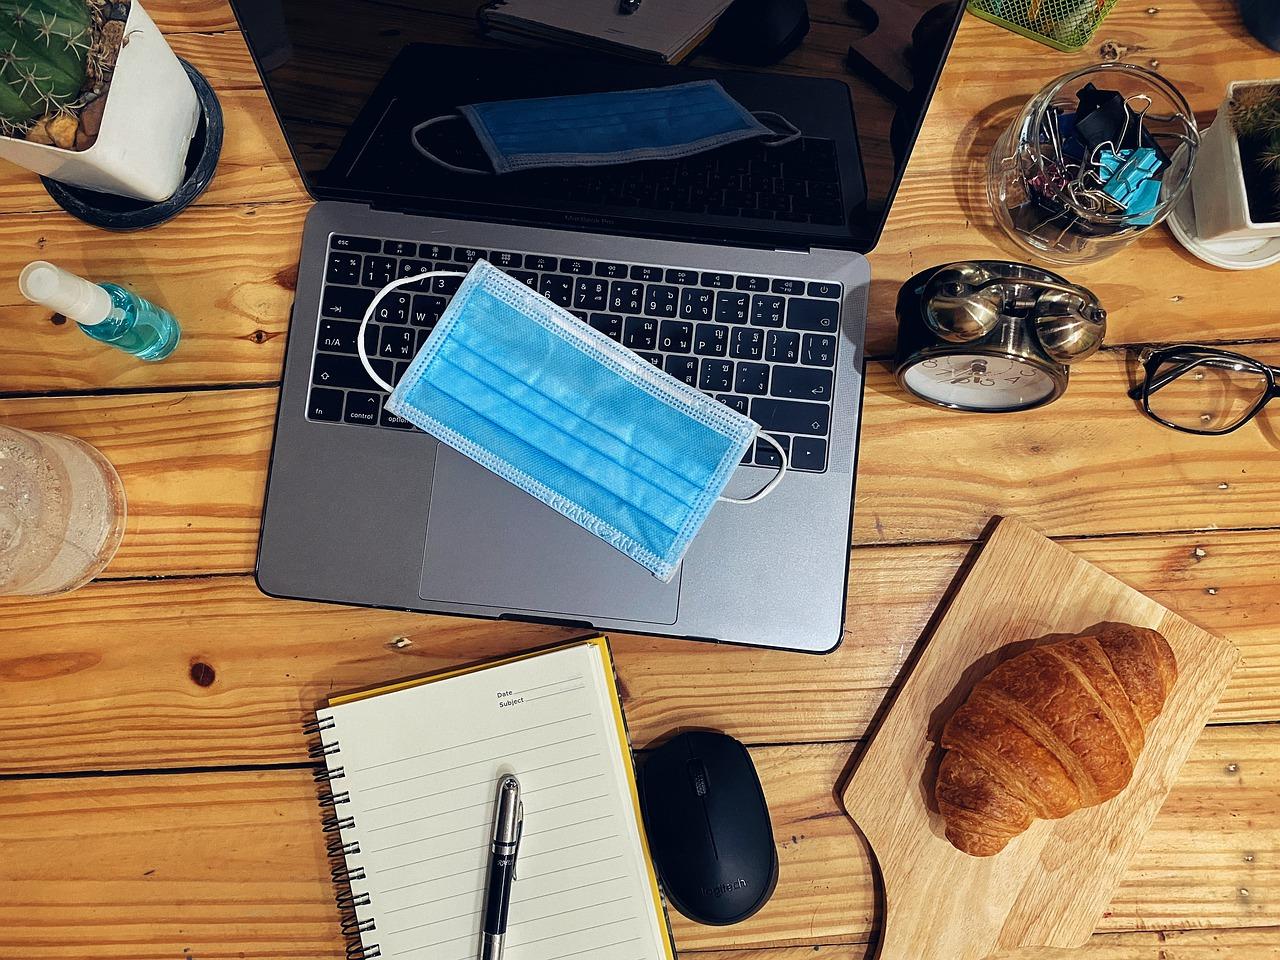 Študija: Delo od doma povzroča manj stresa in več produktivnosti